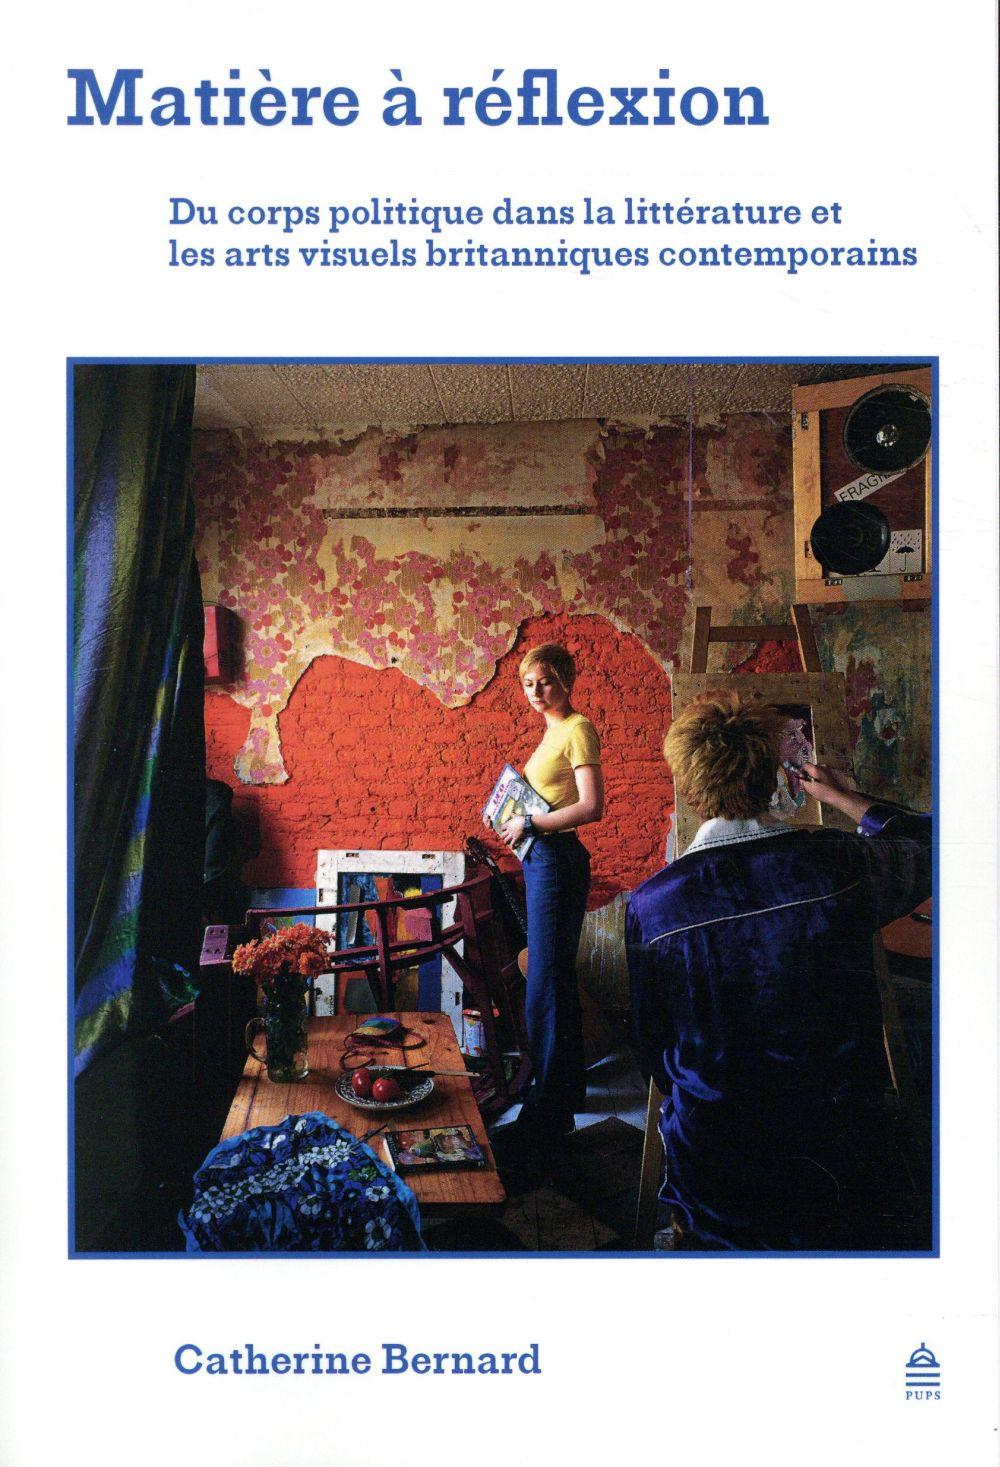 Matière à réflexion ; du corps politique dans la littérature et les arts visuels britanniques contemporains